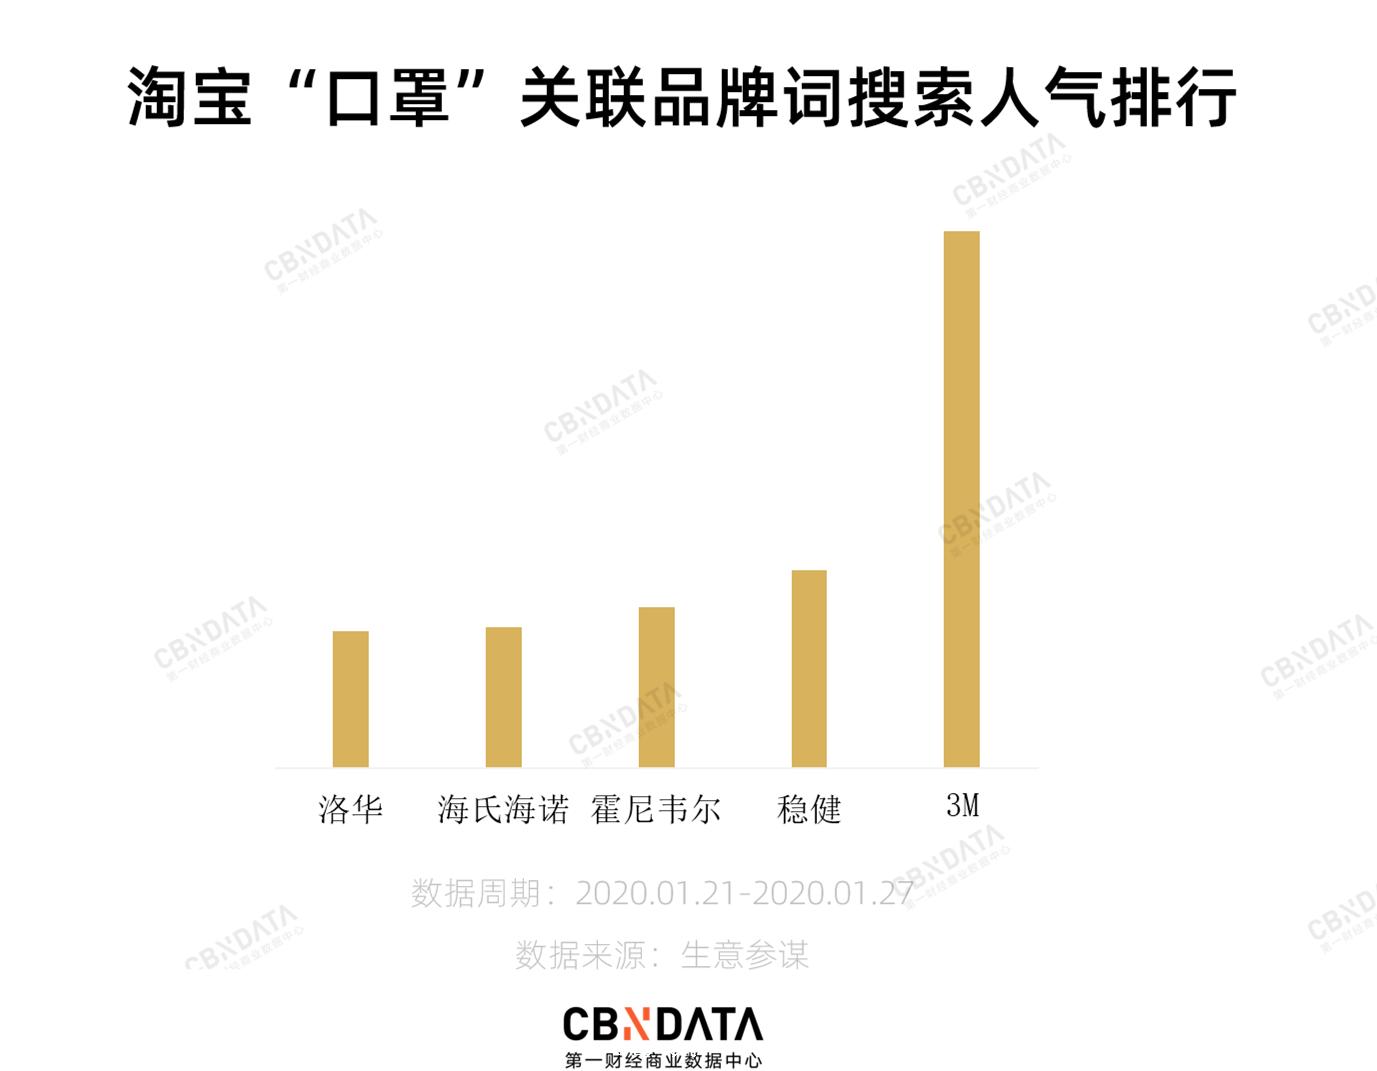 占領中國口罩市場的,為什麽都是外國品牌?